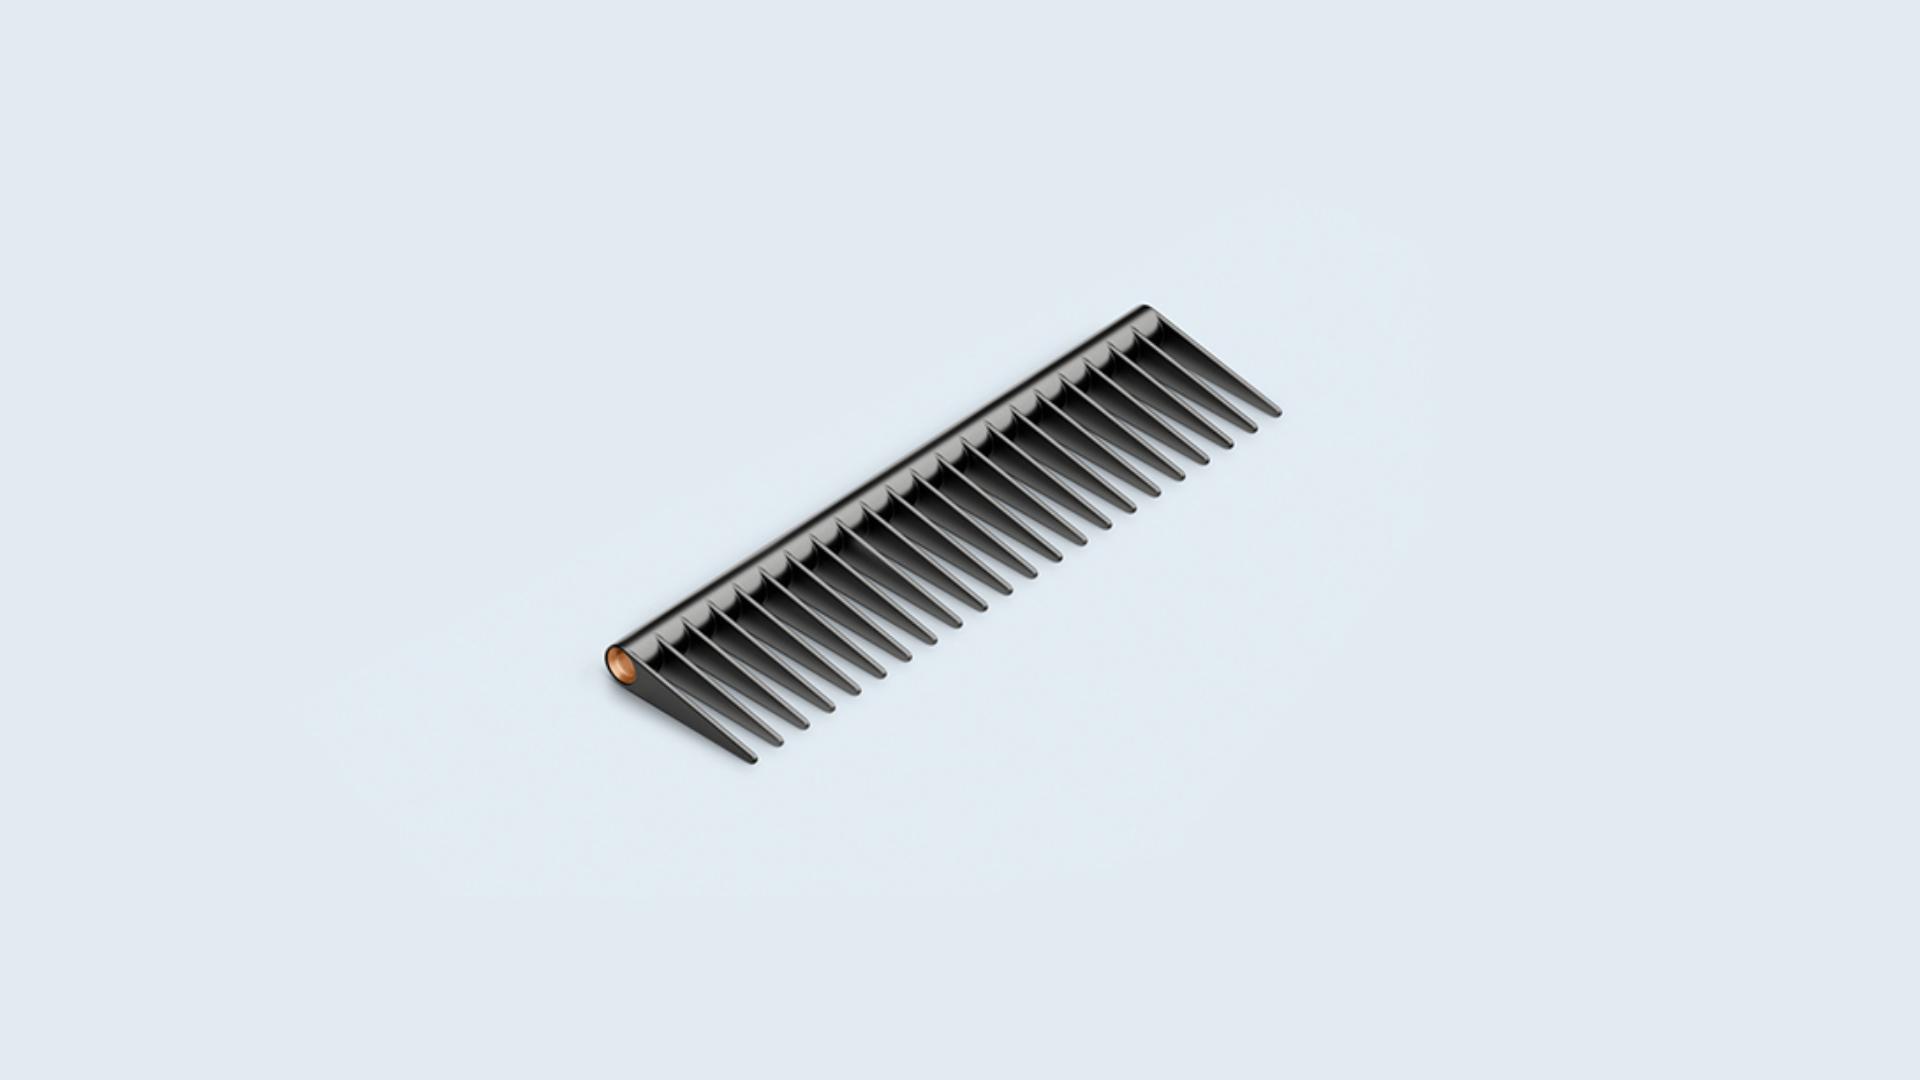 Dyson-designed Paddle brush